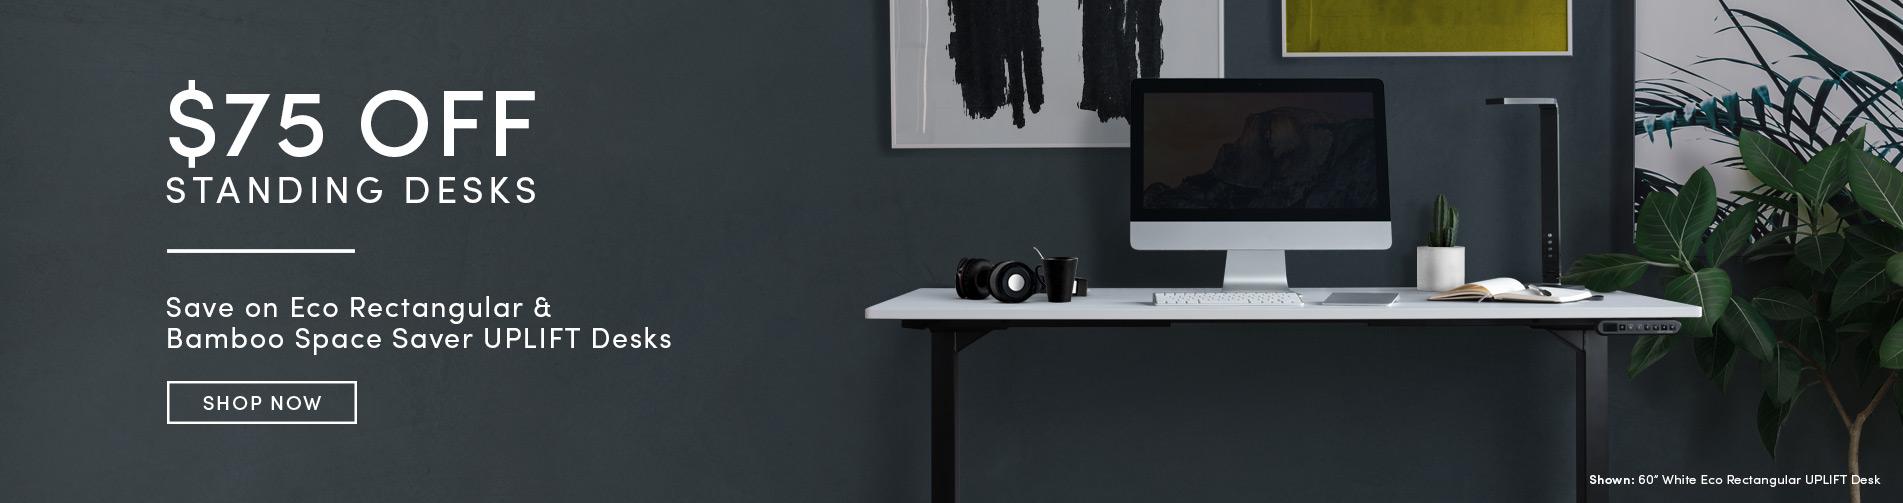 Save $75 on Select Standing Desks